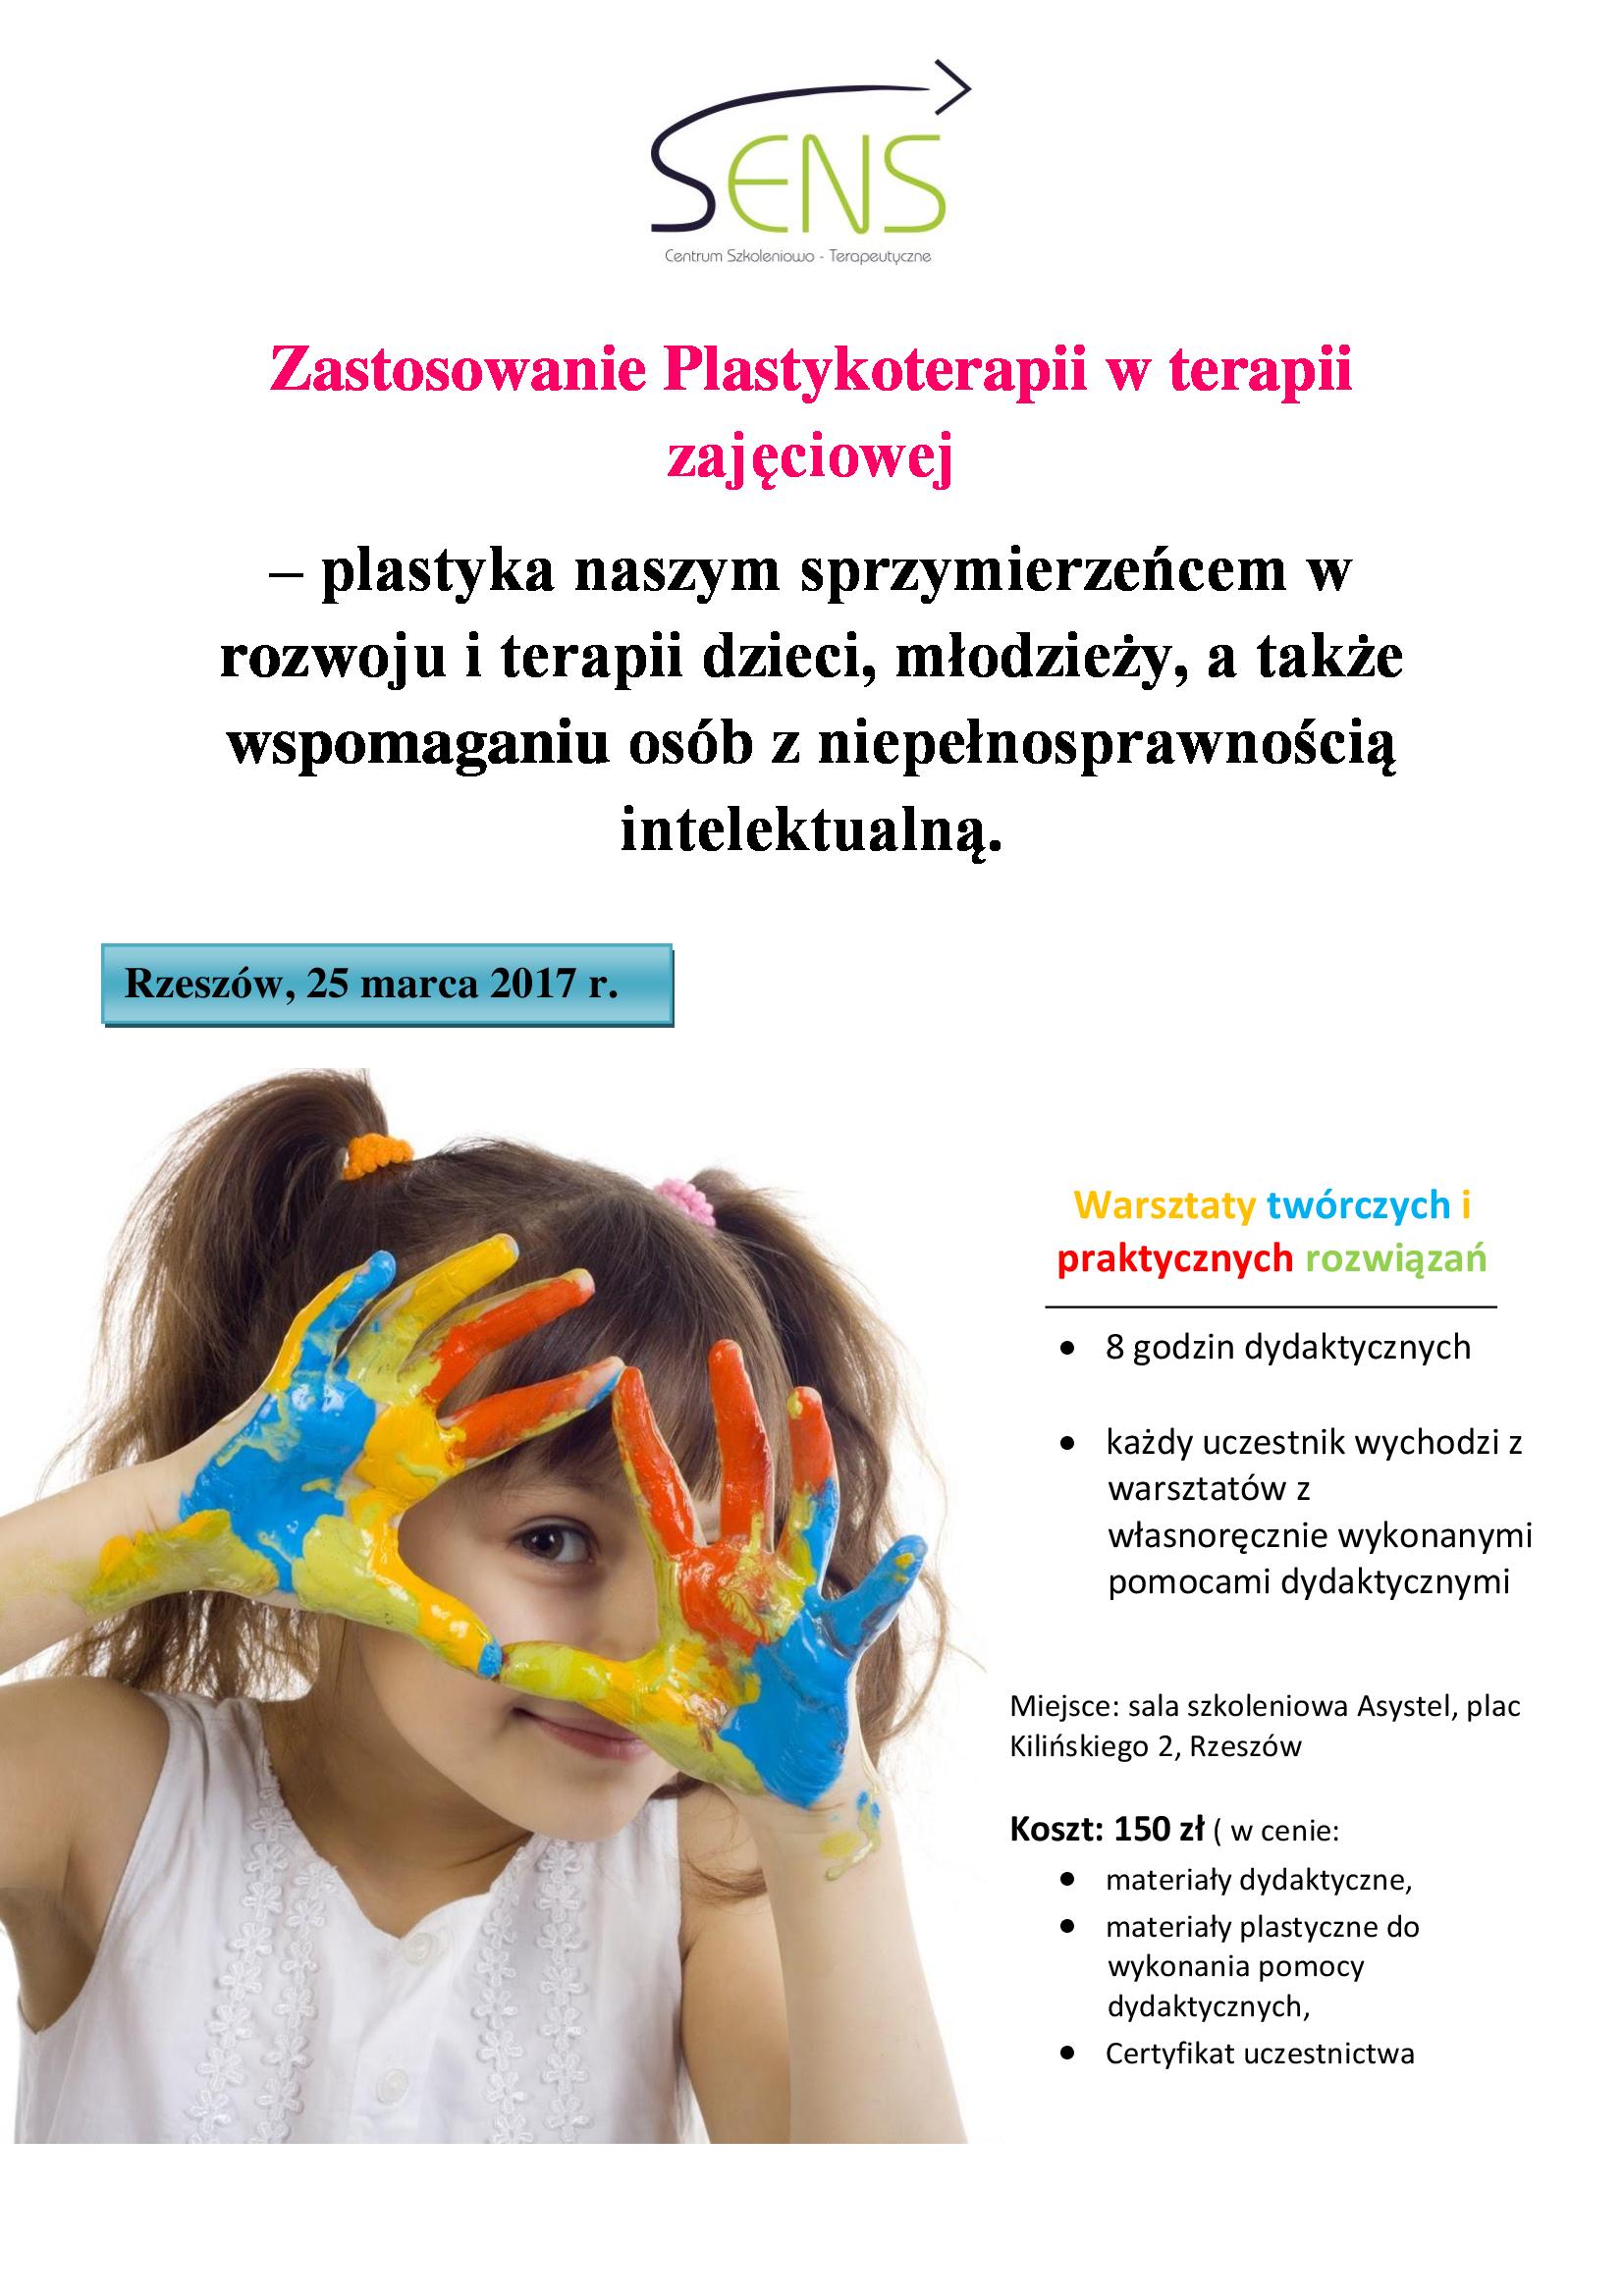 Rzeszów. Plastykoterapia. Warsztaty. 25.03.17 r.